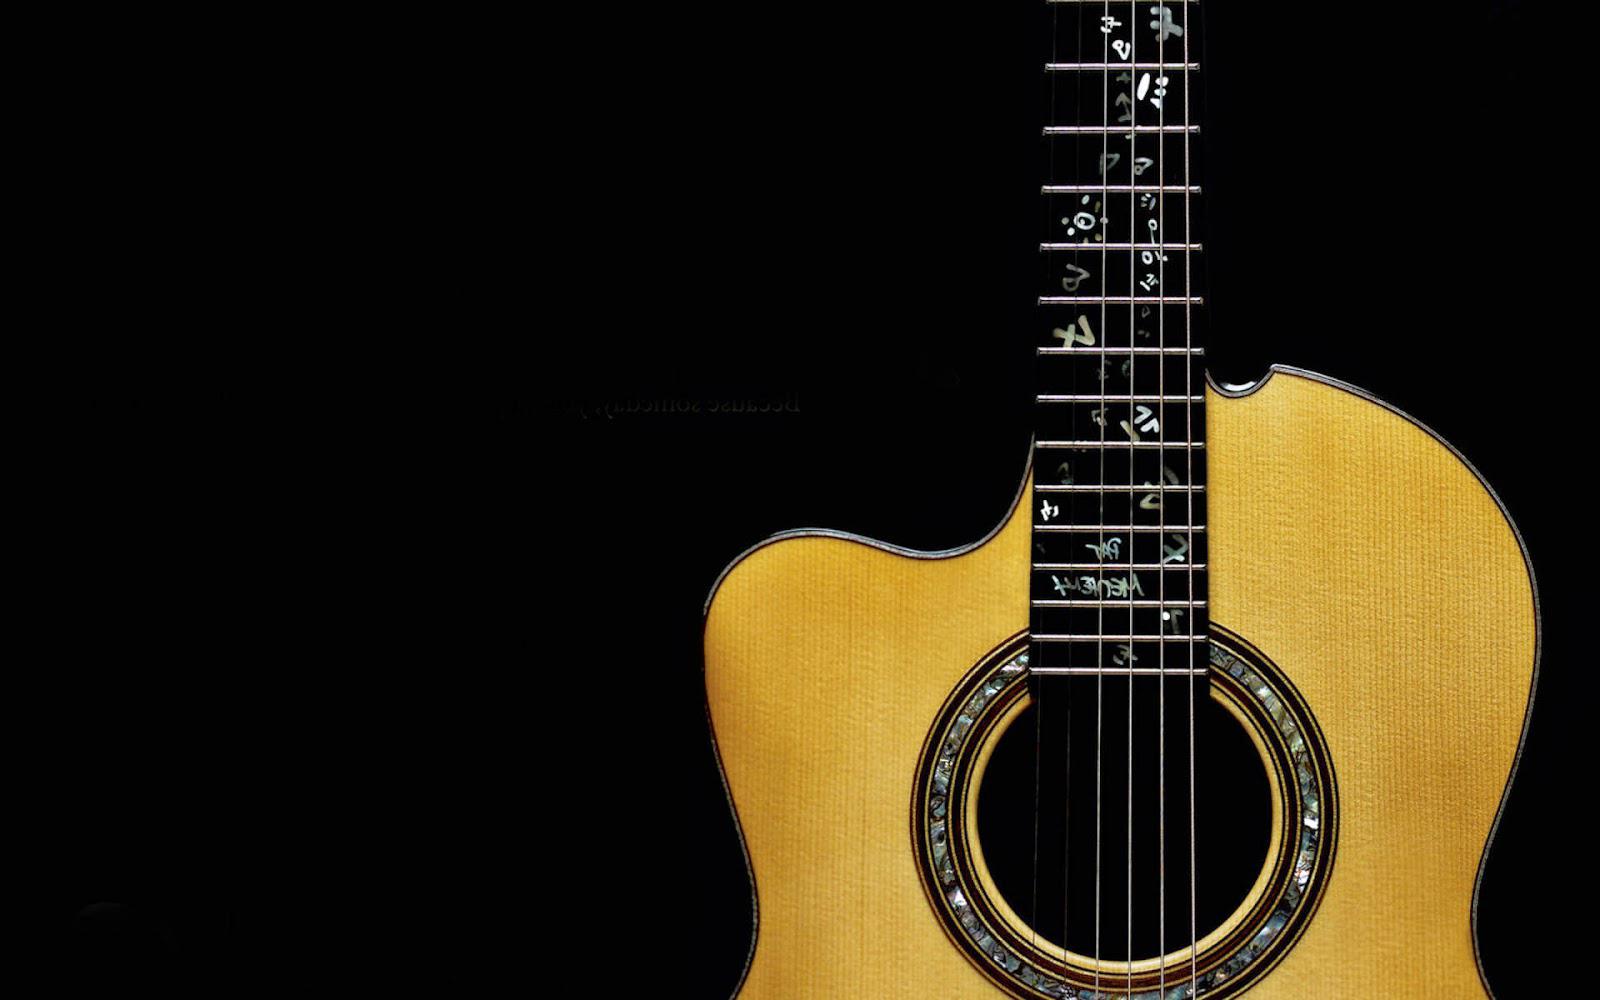 guitar music wallpaper 66466